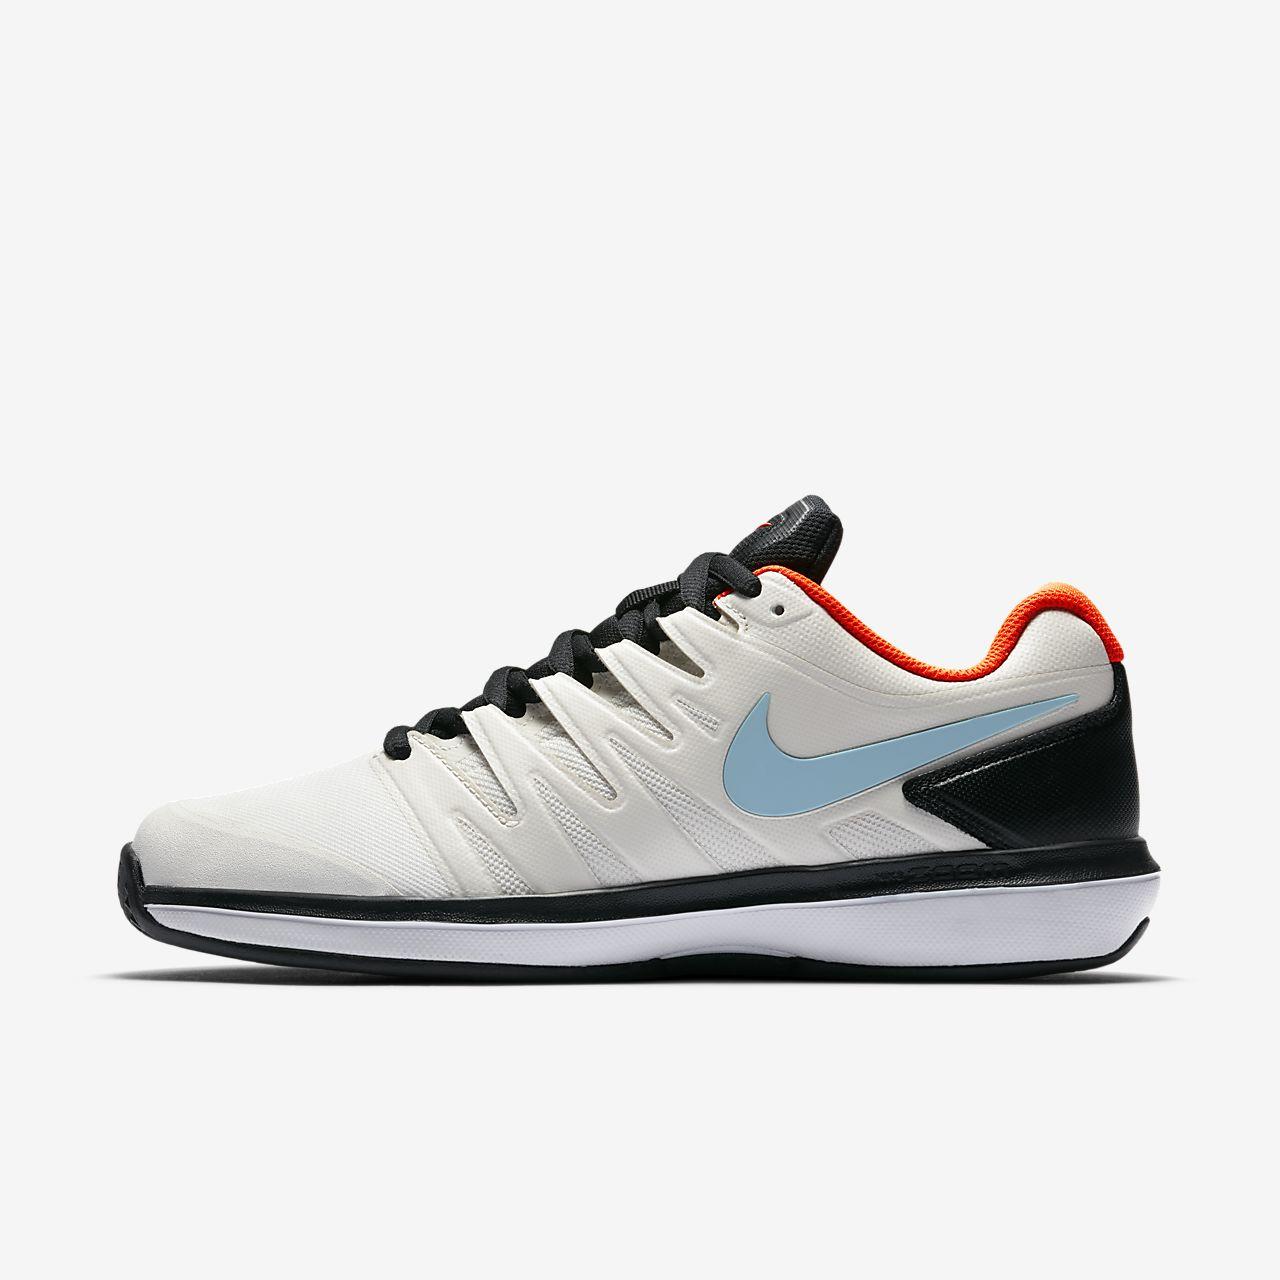 scarpe tennis nike air